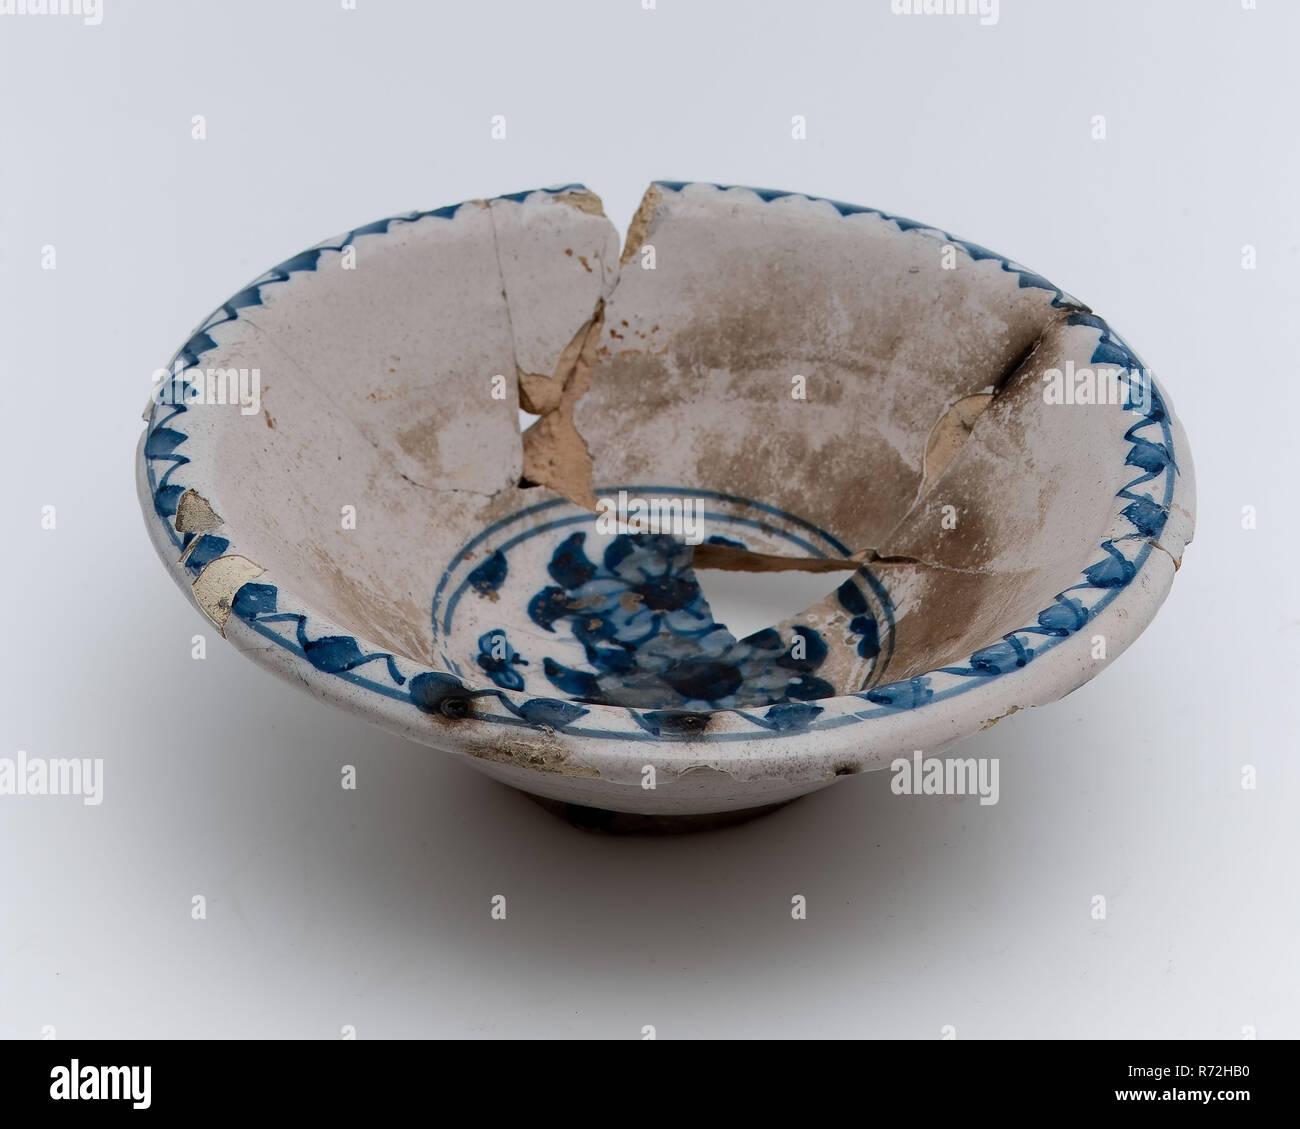 Weiss Fayence Schussel Mit Blauen Darstellung Blumen Schussel Geschirr Halter Boden Keramik Steingut Glasur Glasur Finden